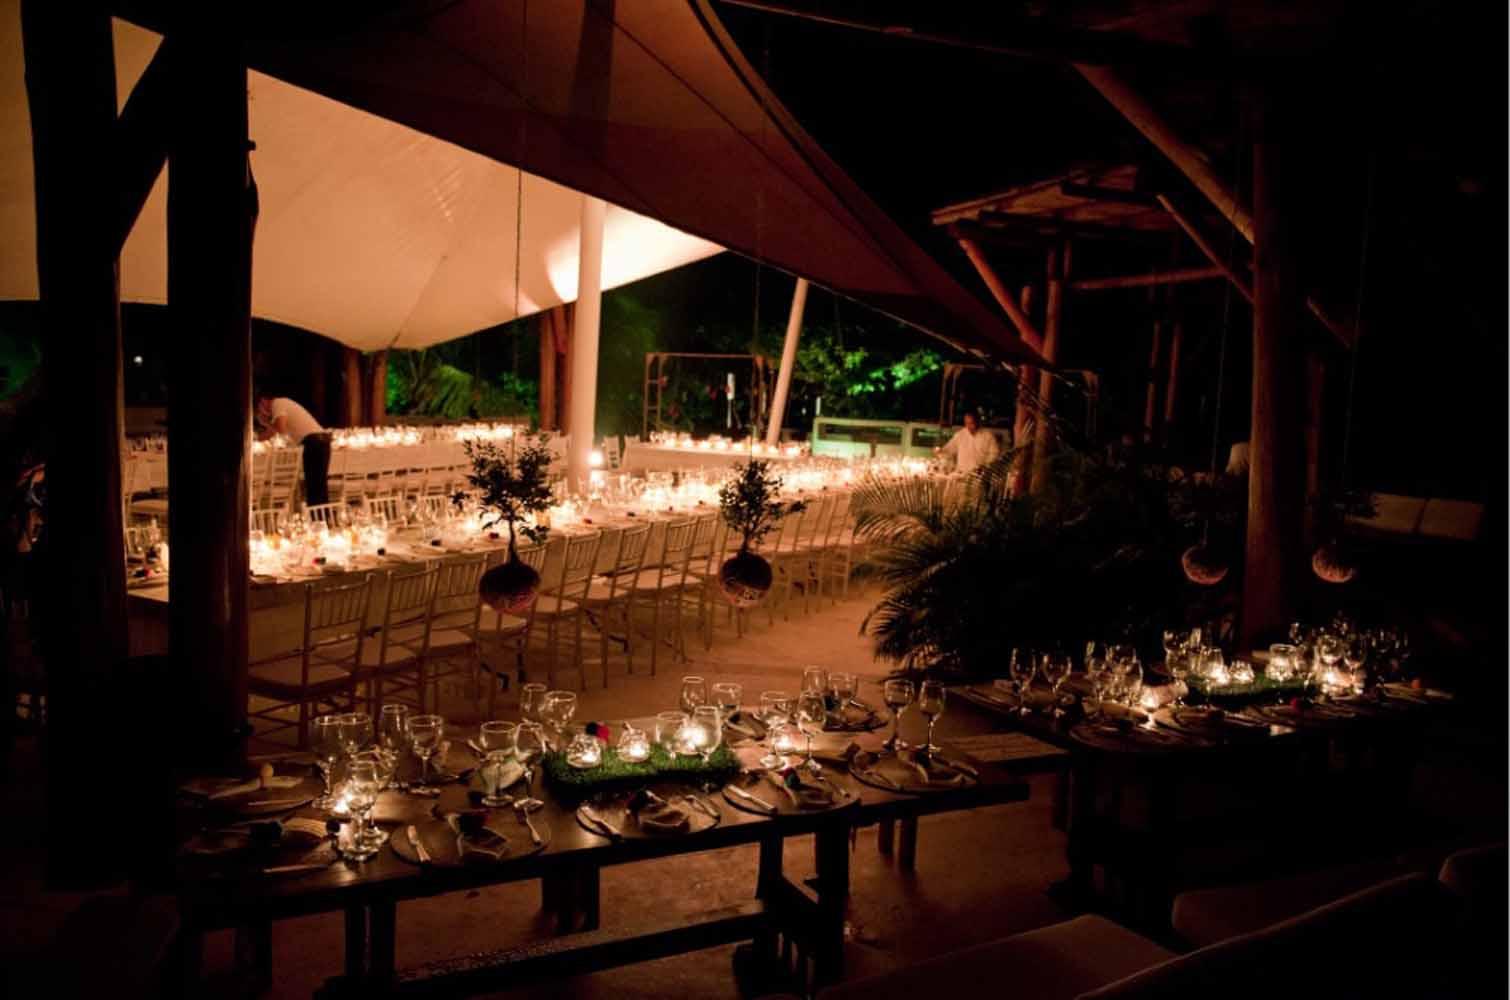 La reserva natural man macana fue escogida para la recepción de la boda